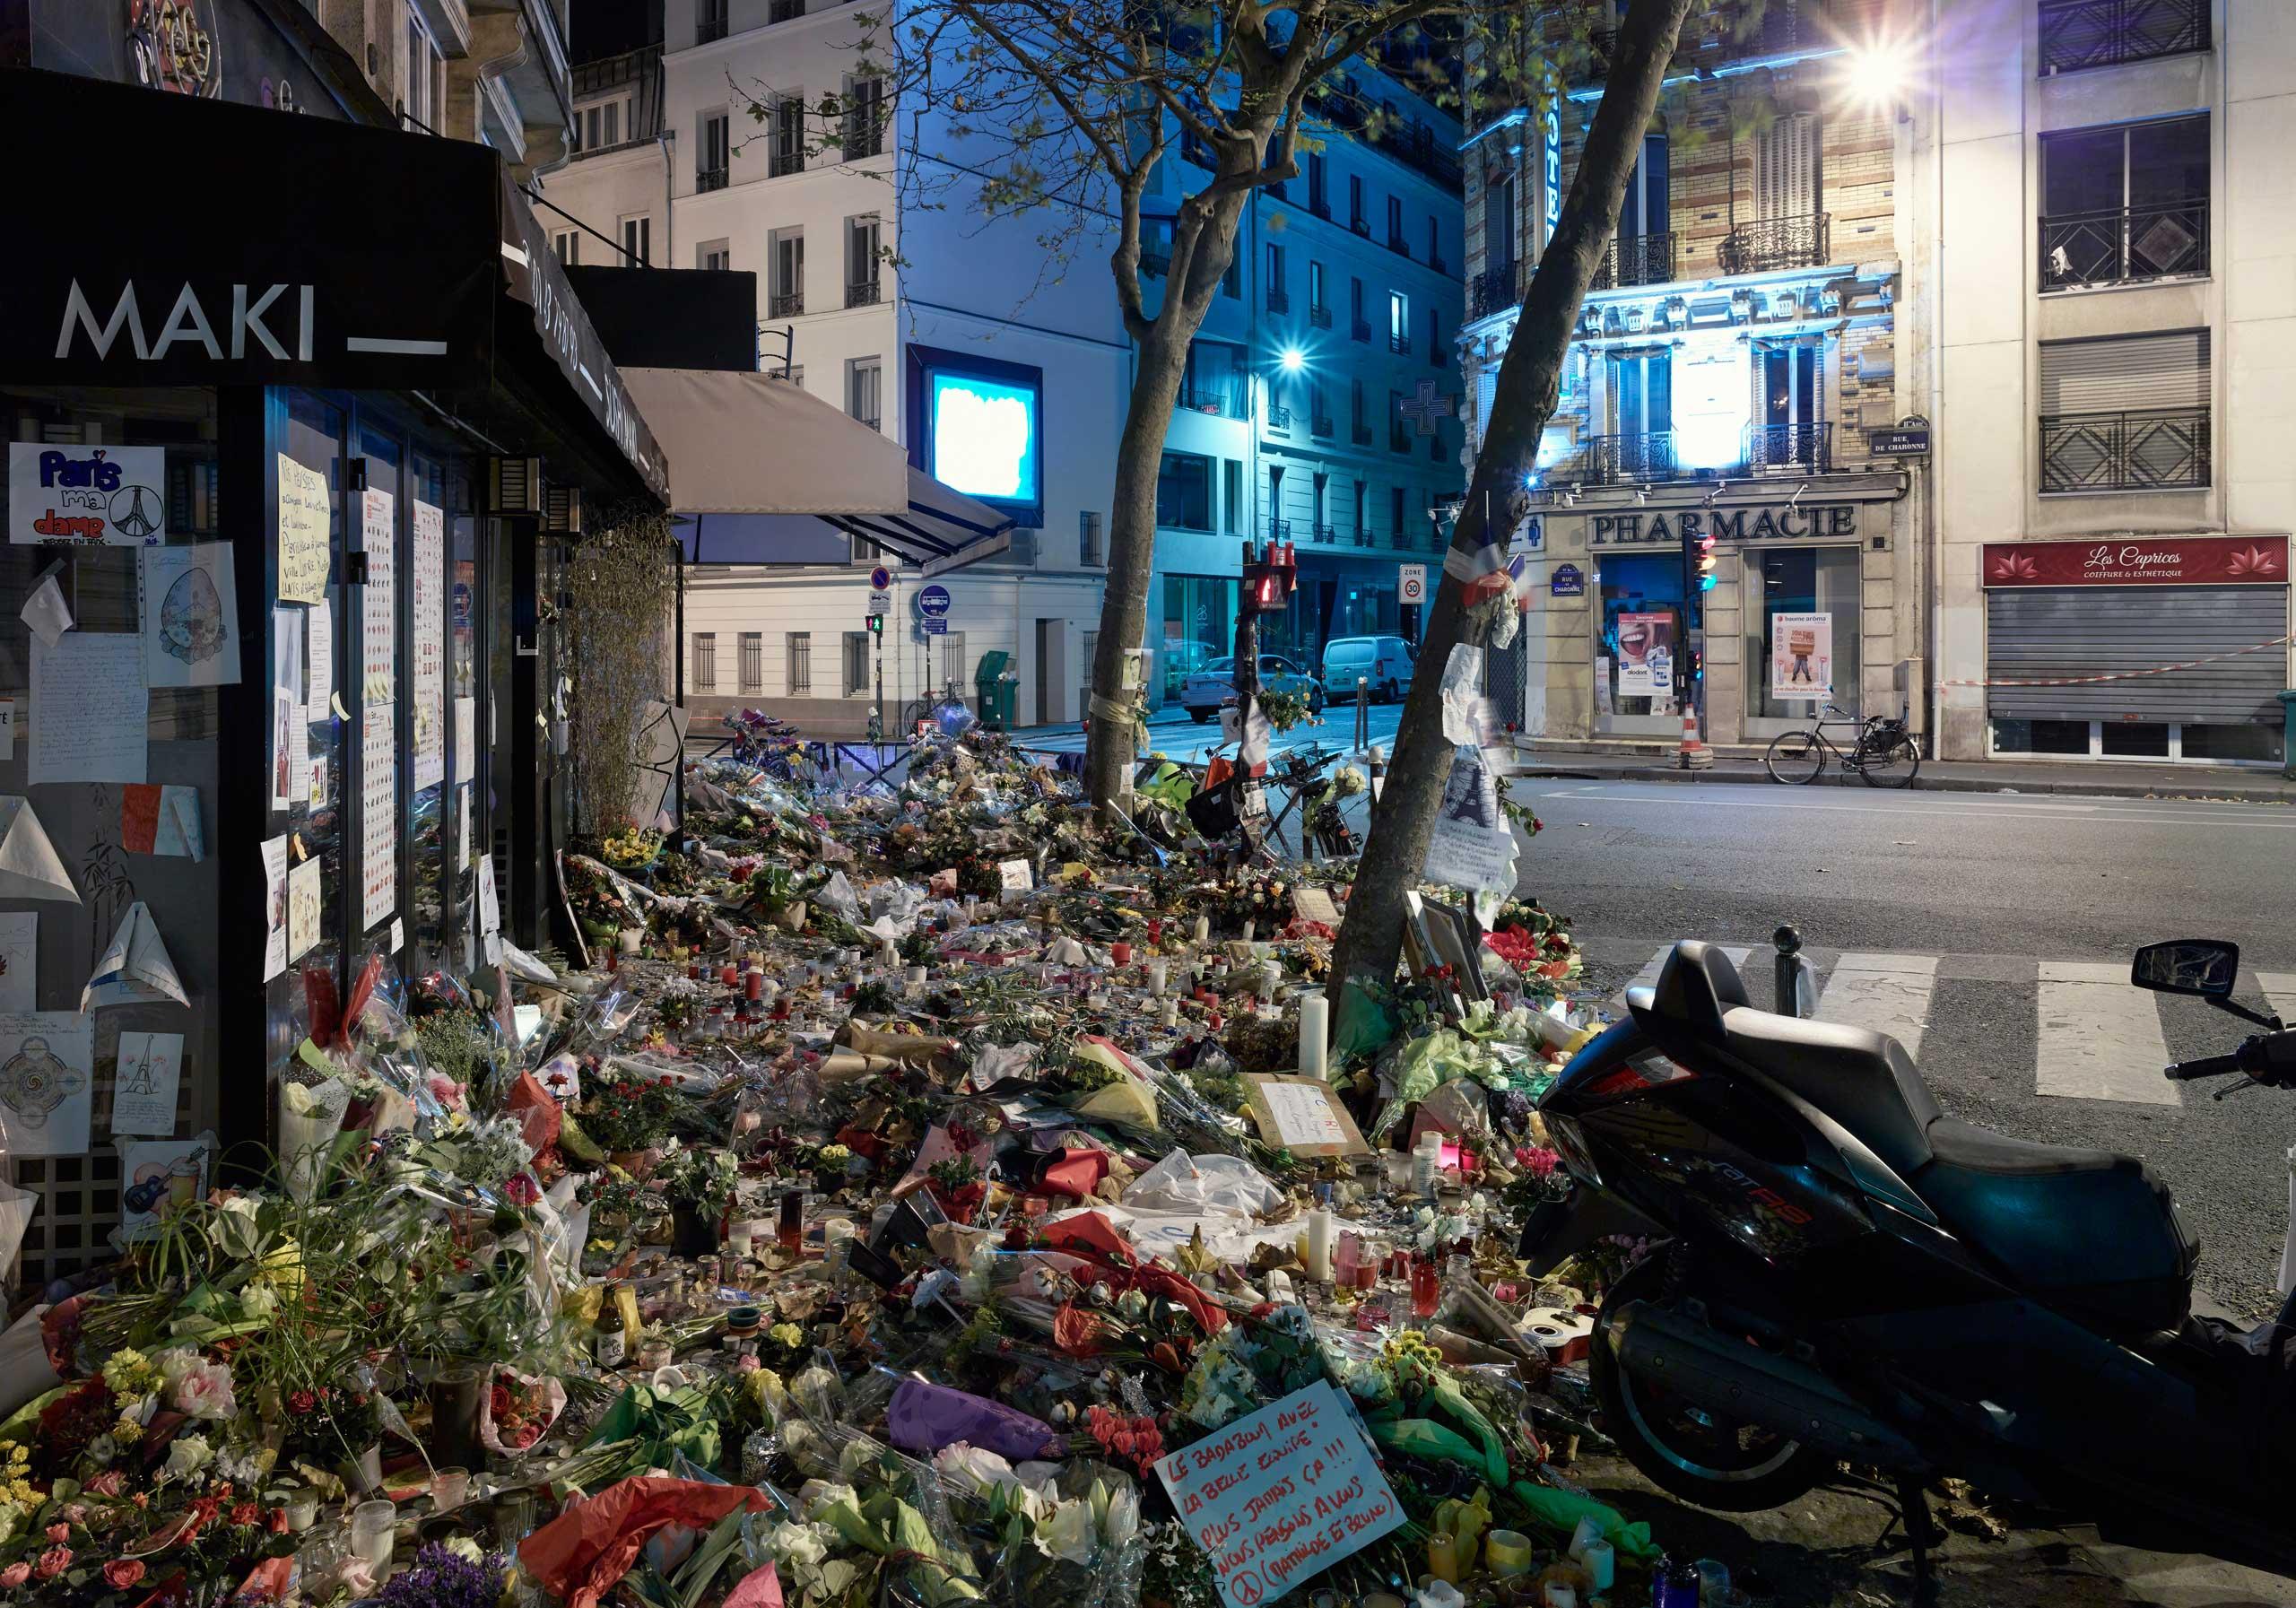 The New Yorker Photo Booth: Paris Overnight                               La Belle Équipe restaurant, Rue de Charonne, Paris, Nov. 18, 2015.